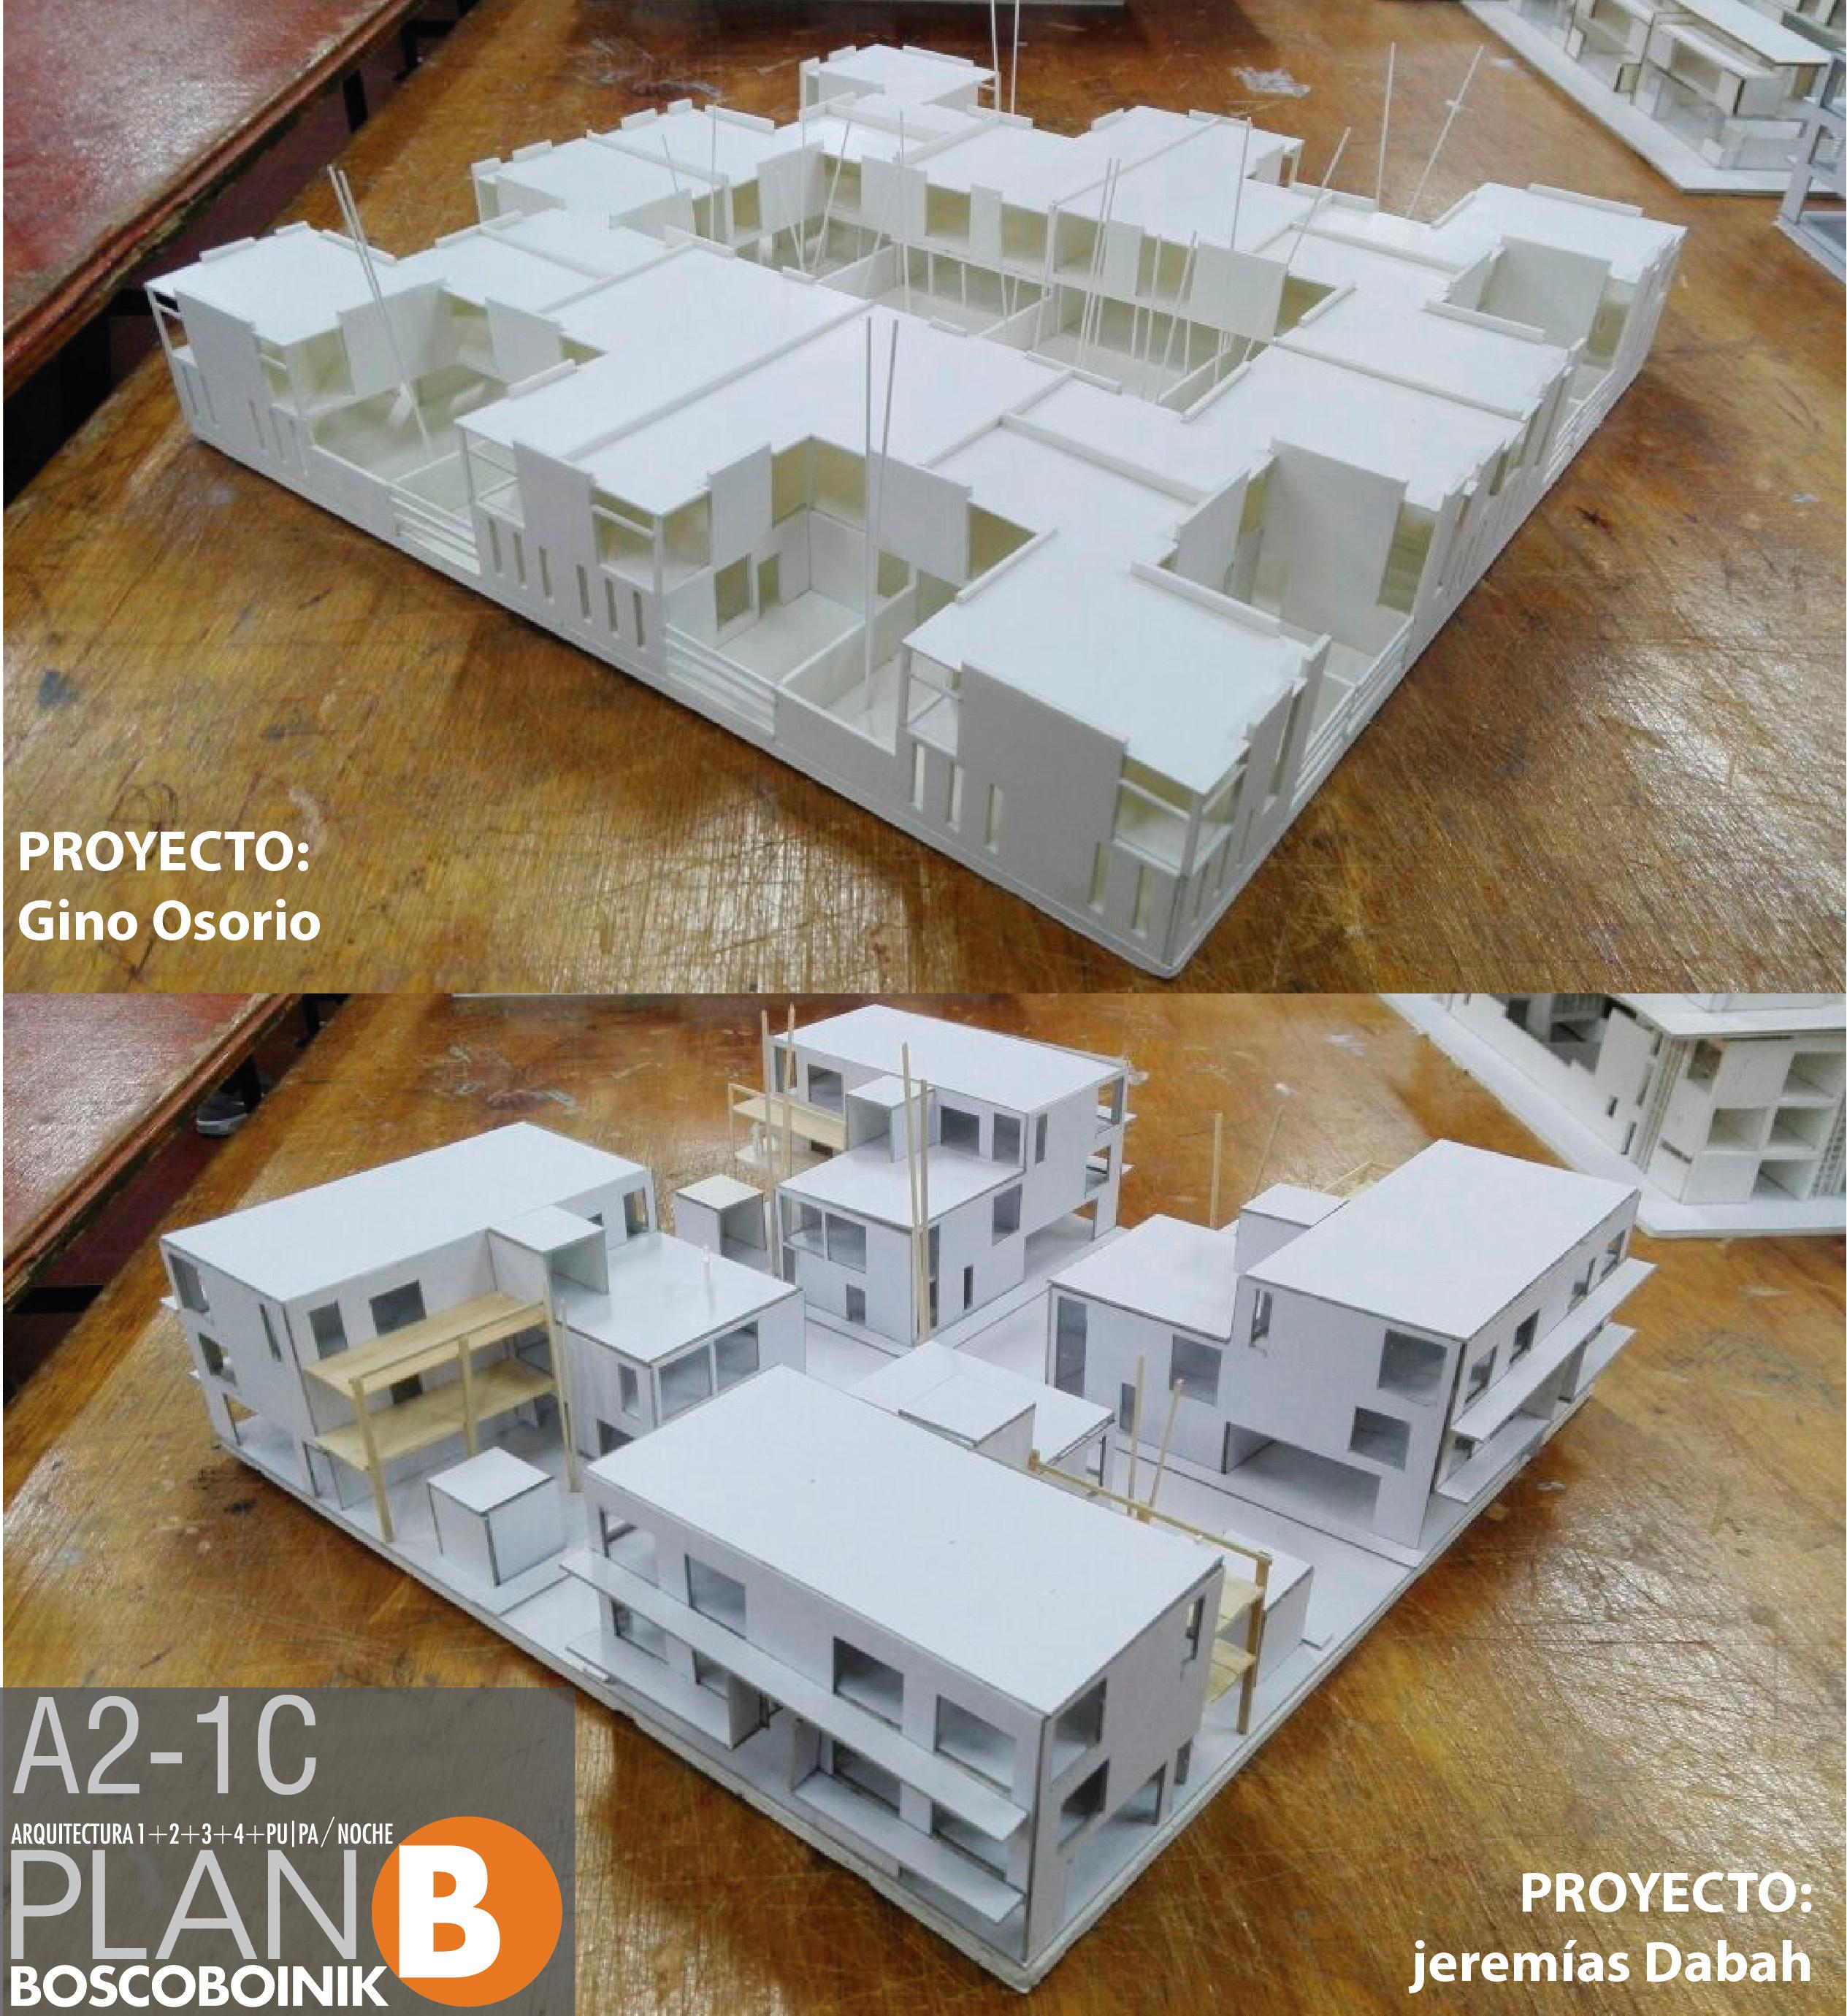 A2 - insta-01